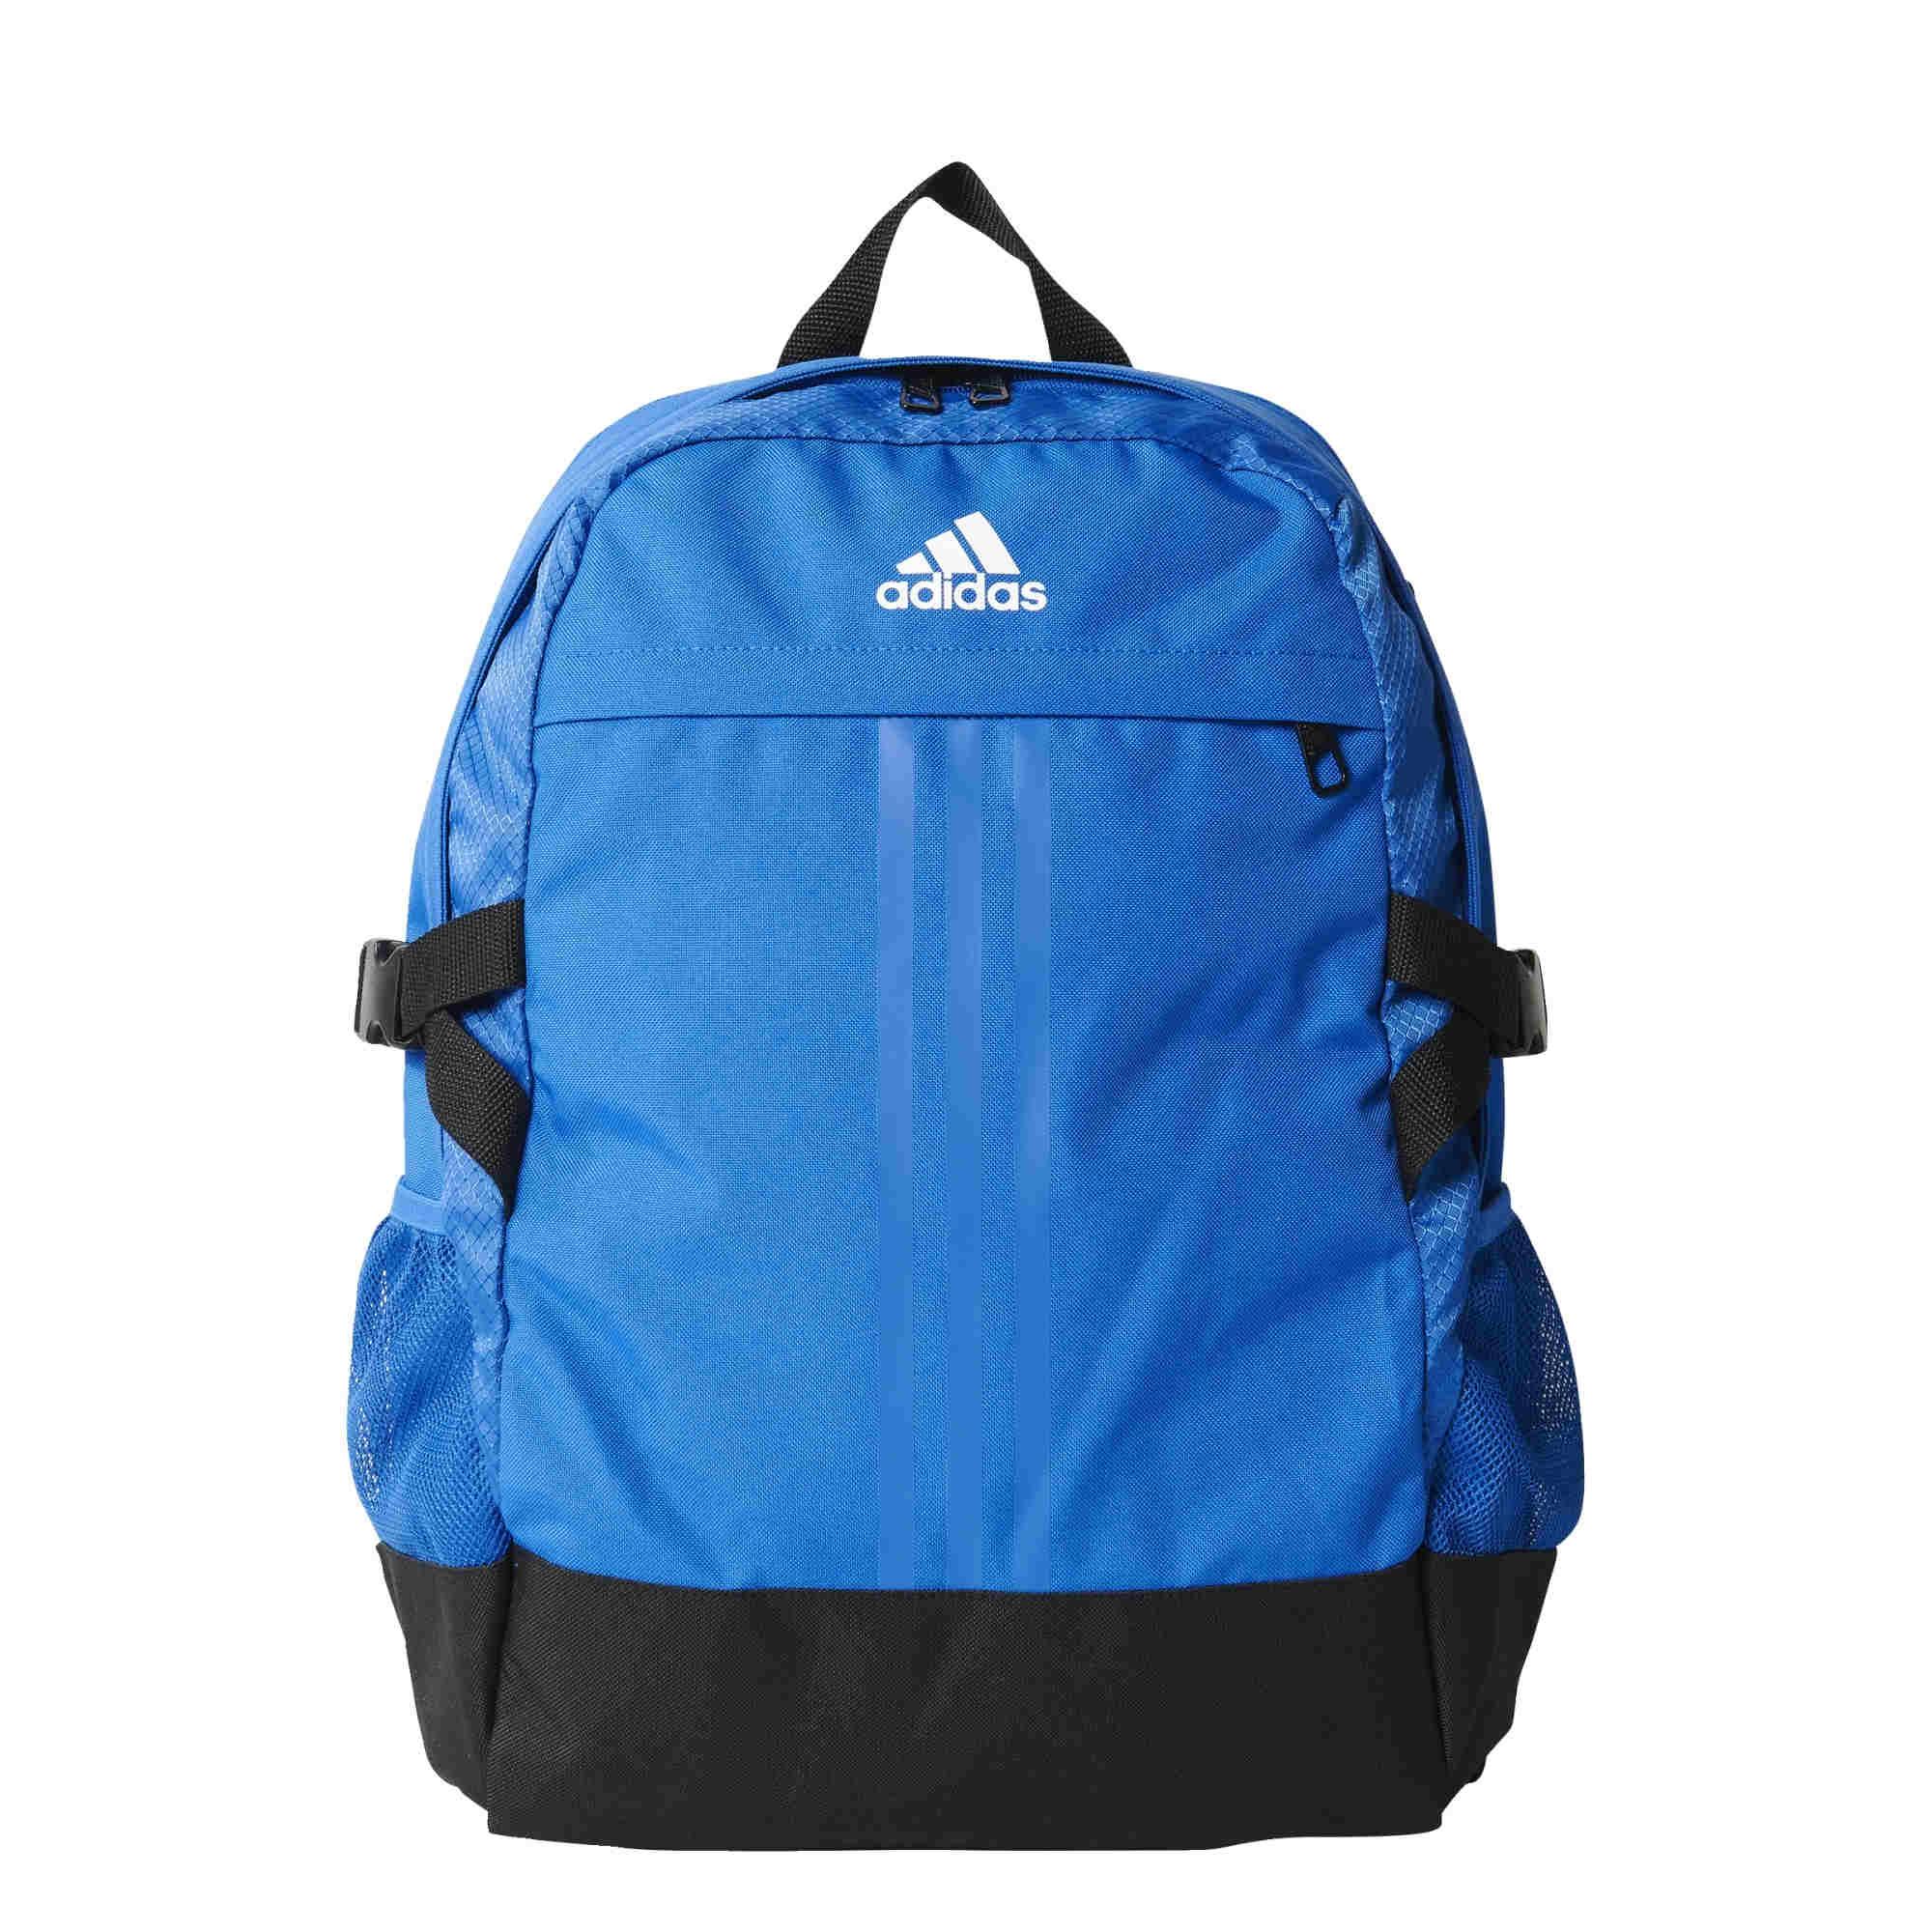 Adidas Power Iii M Hátizsák S98822 - Túra és szabadidős hátizsákok - Táska  webáruház - Minőségi táskák mindenkinek 839d2aa712